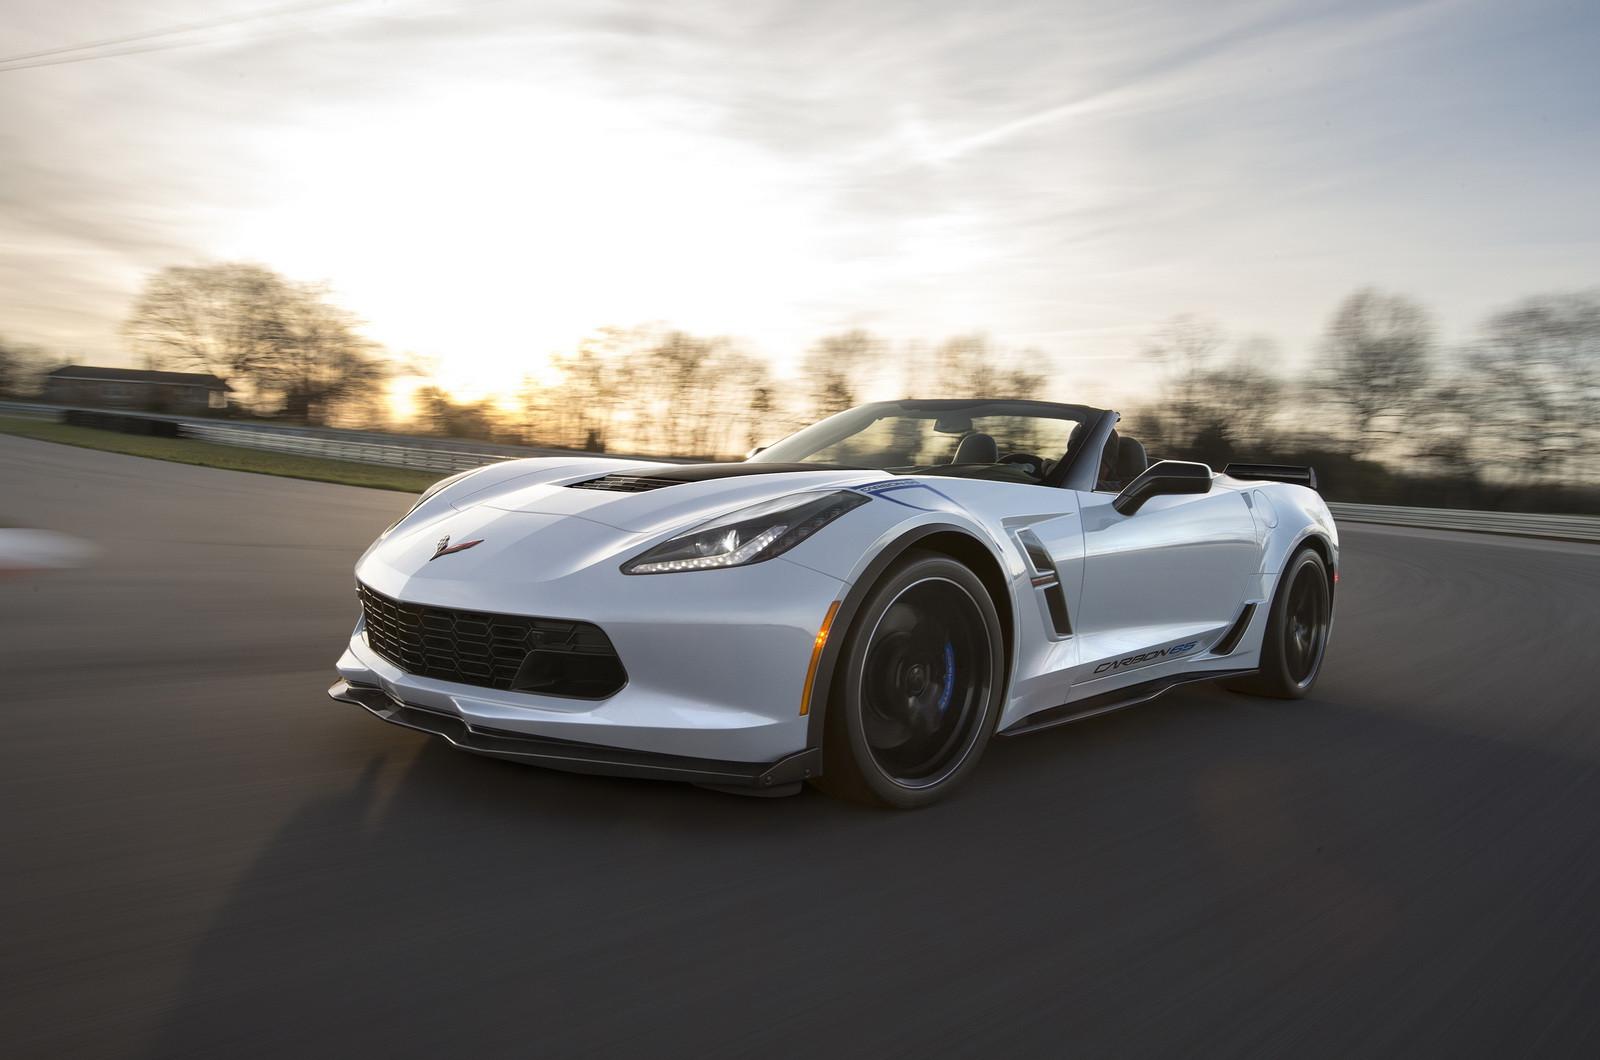 Шевроле выпустила спецверсию Corvette вчесть своего 65-летия